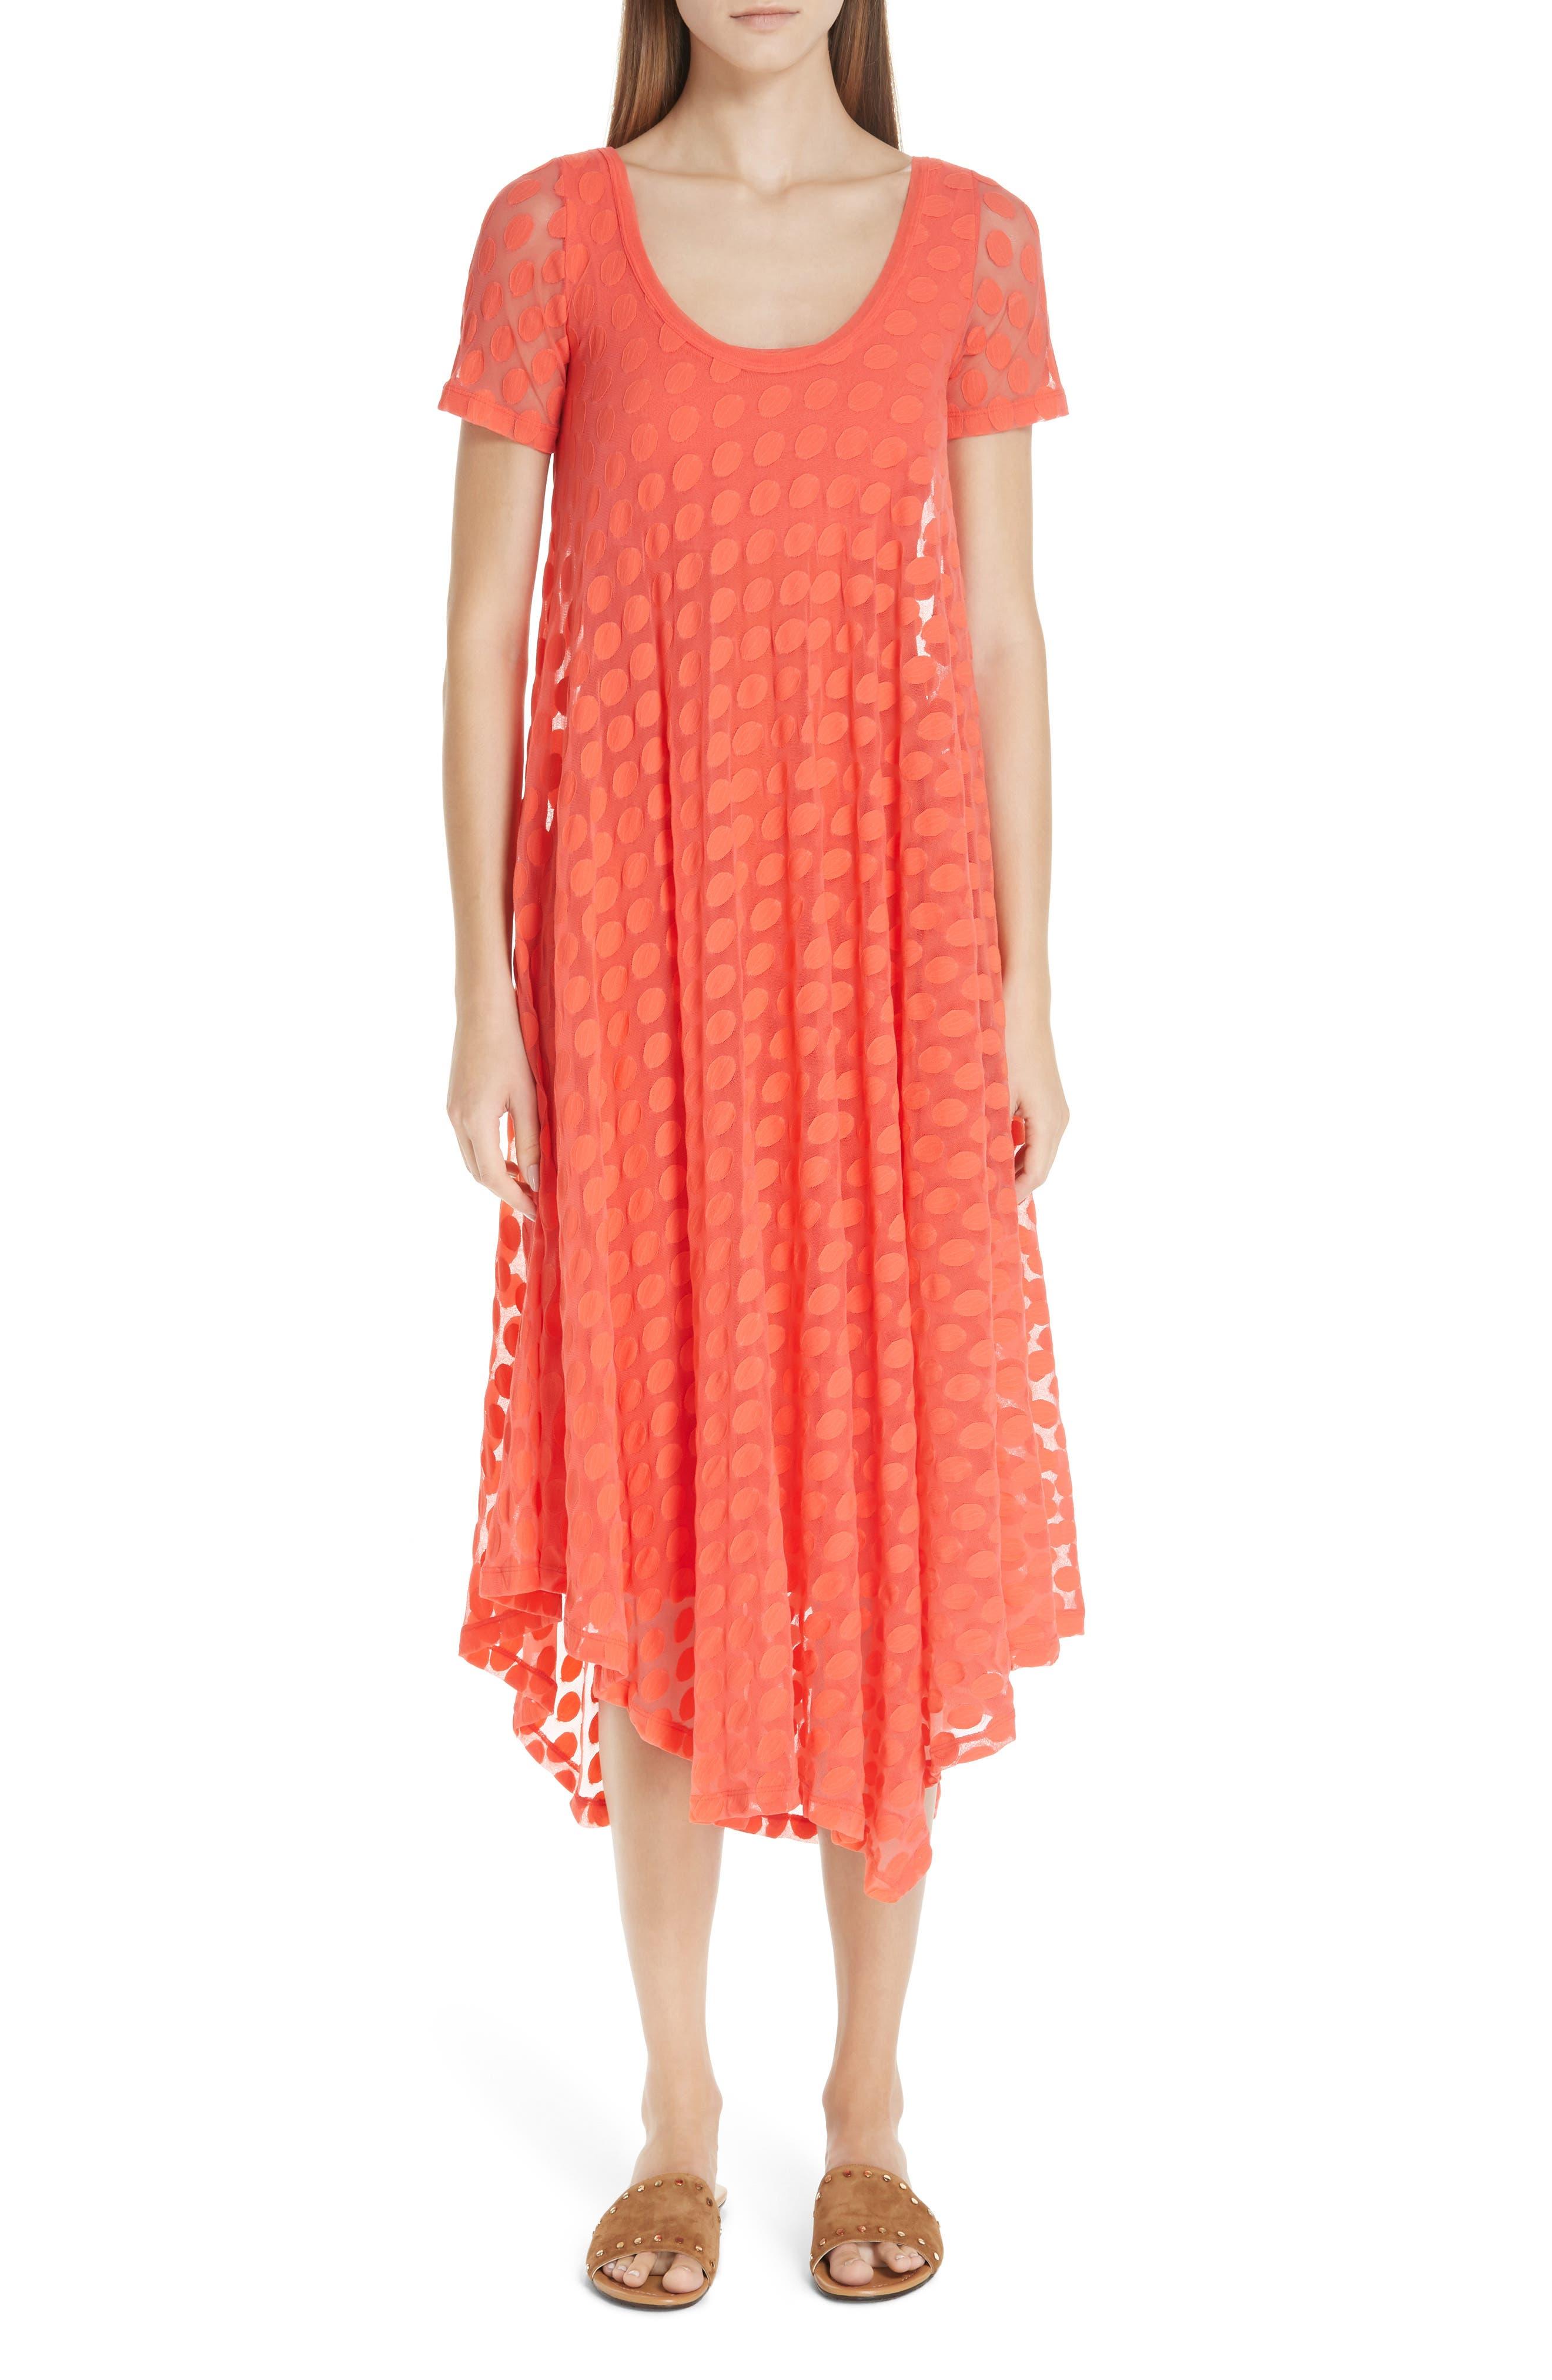 548c584235c8 Women s Orange Designer Dresses